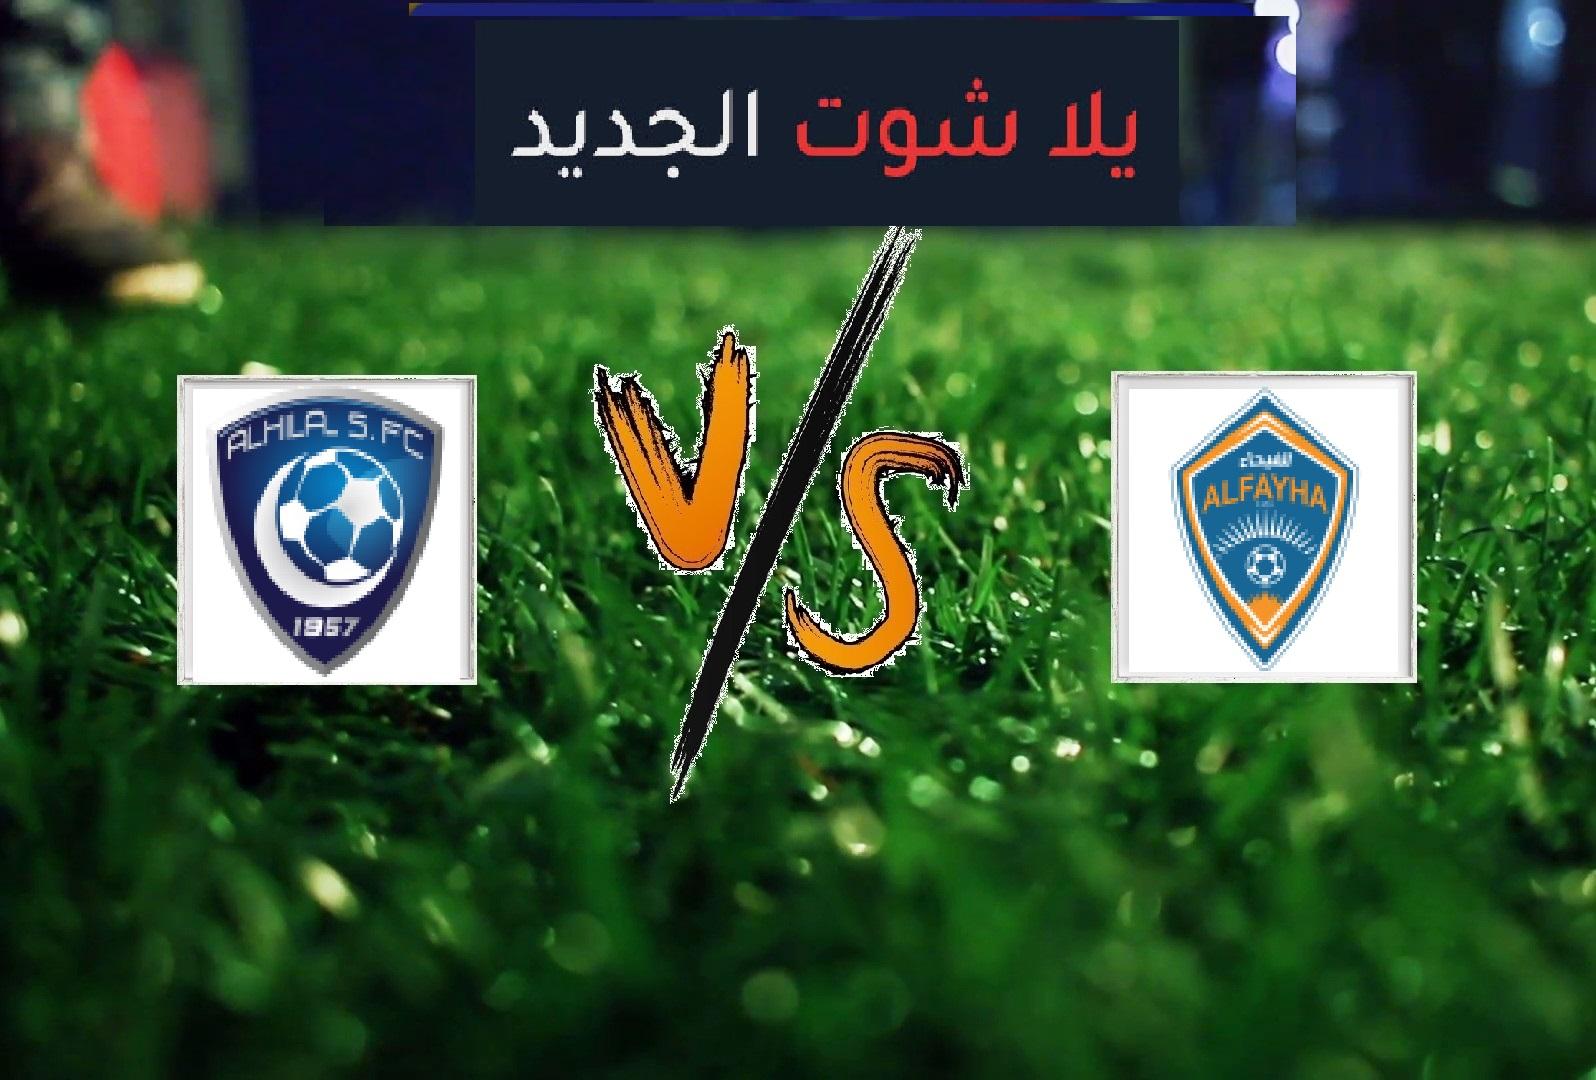 نتيجة مباراة الفيحاء والهلال بتاريخ 13-02-2020 الدوري السعودي